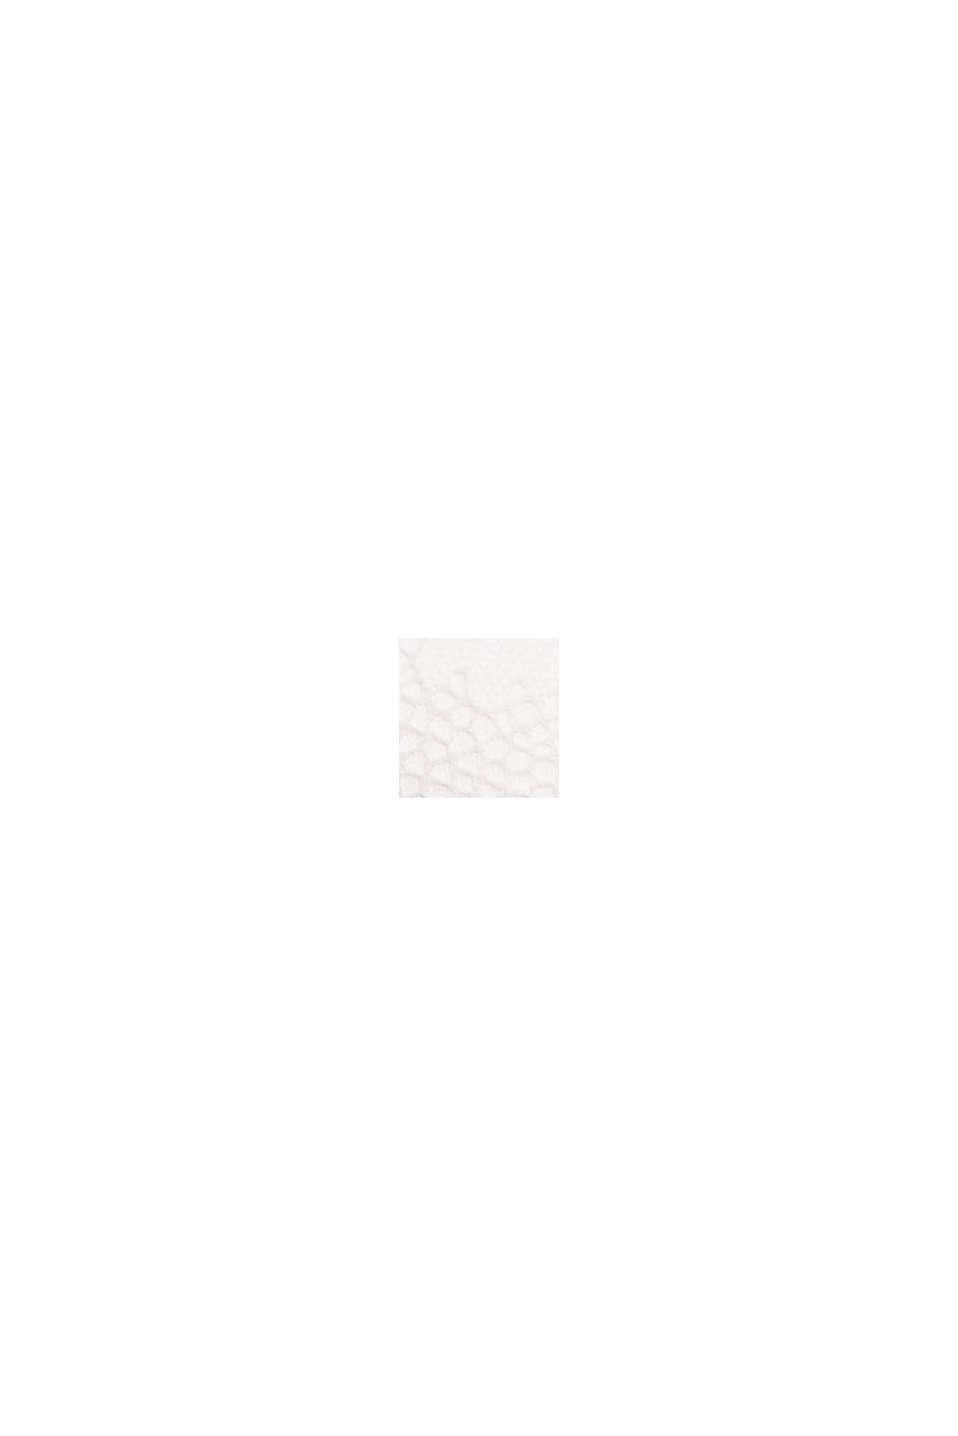 En matière recyclée: le SG bandeau rembourré orné de dentelle, OFF WHITE, swatch